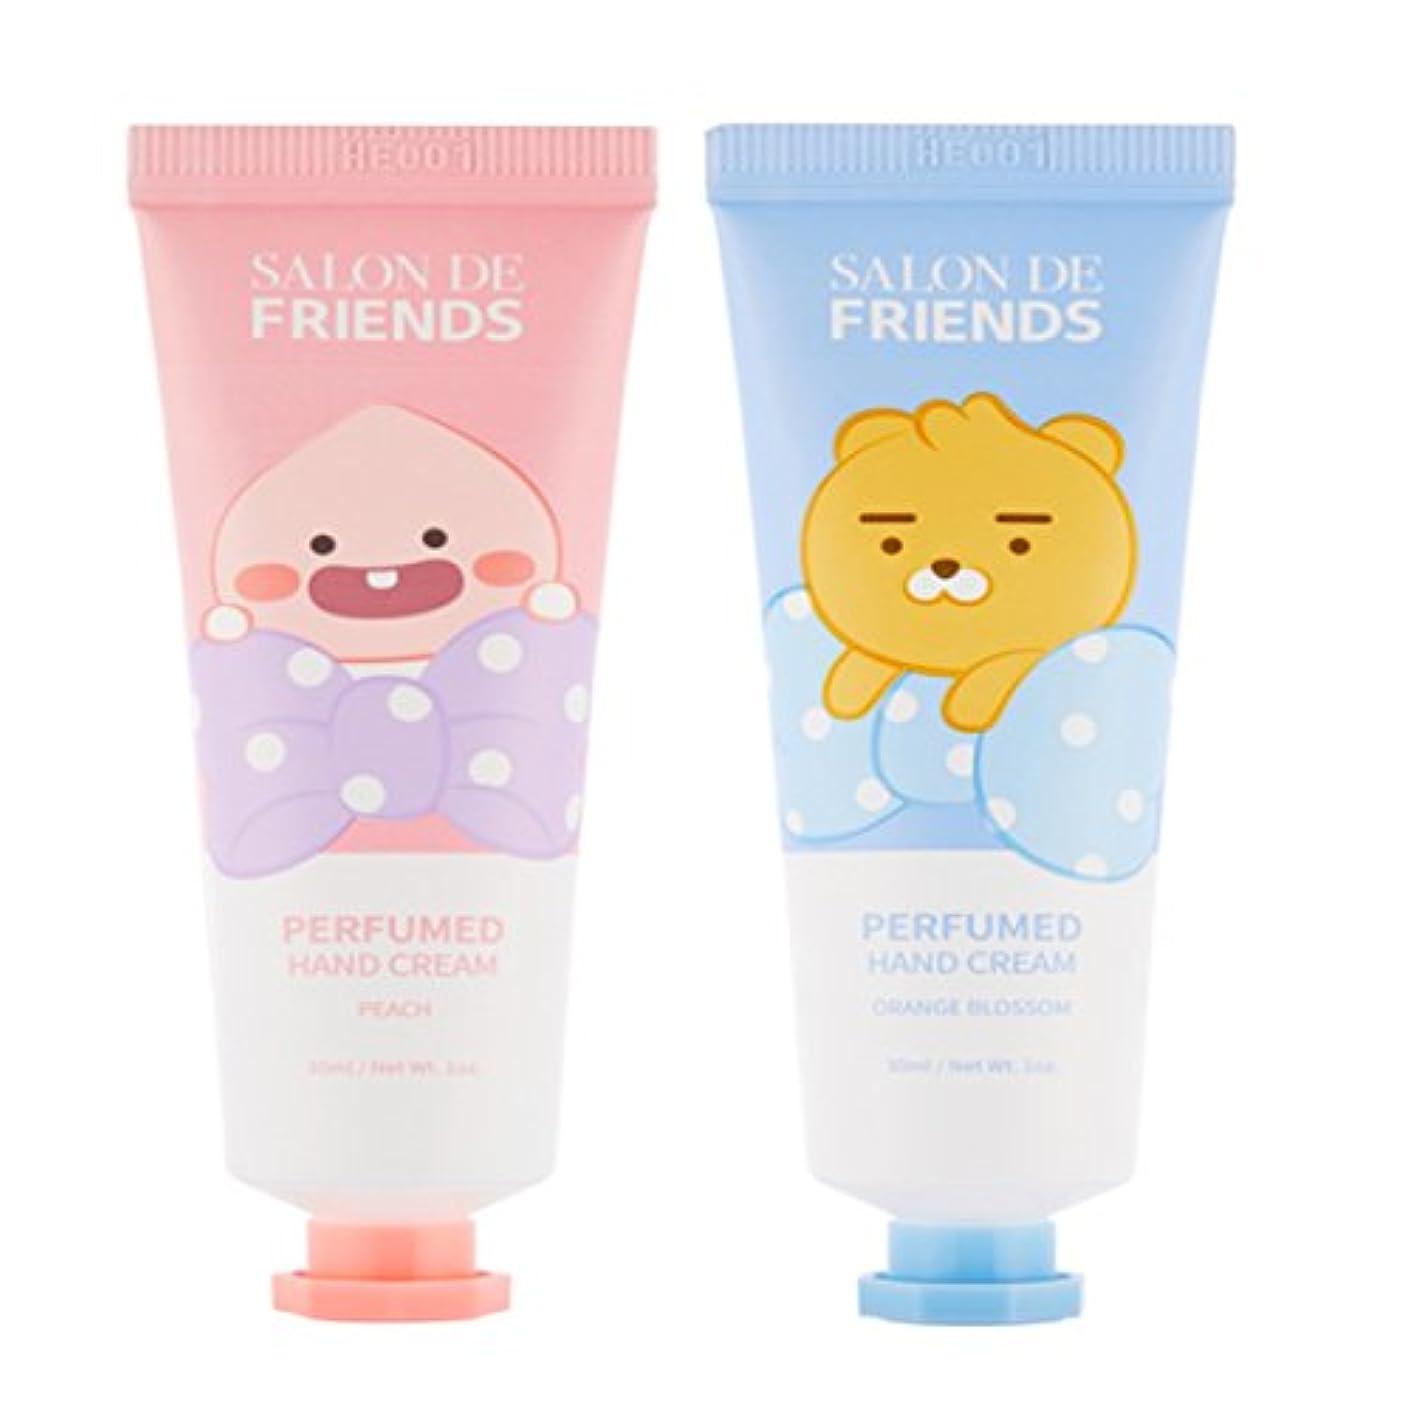 噴出する経済ジャニスカカオフレンズ kakaofriends NEW 2018.06ハンドクリーム Salon de Hand Cream (ライアン&オピッチ) [並行輸入品]